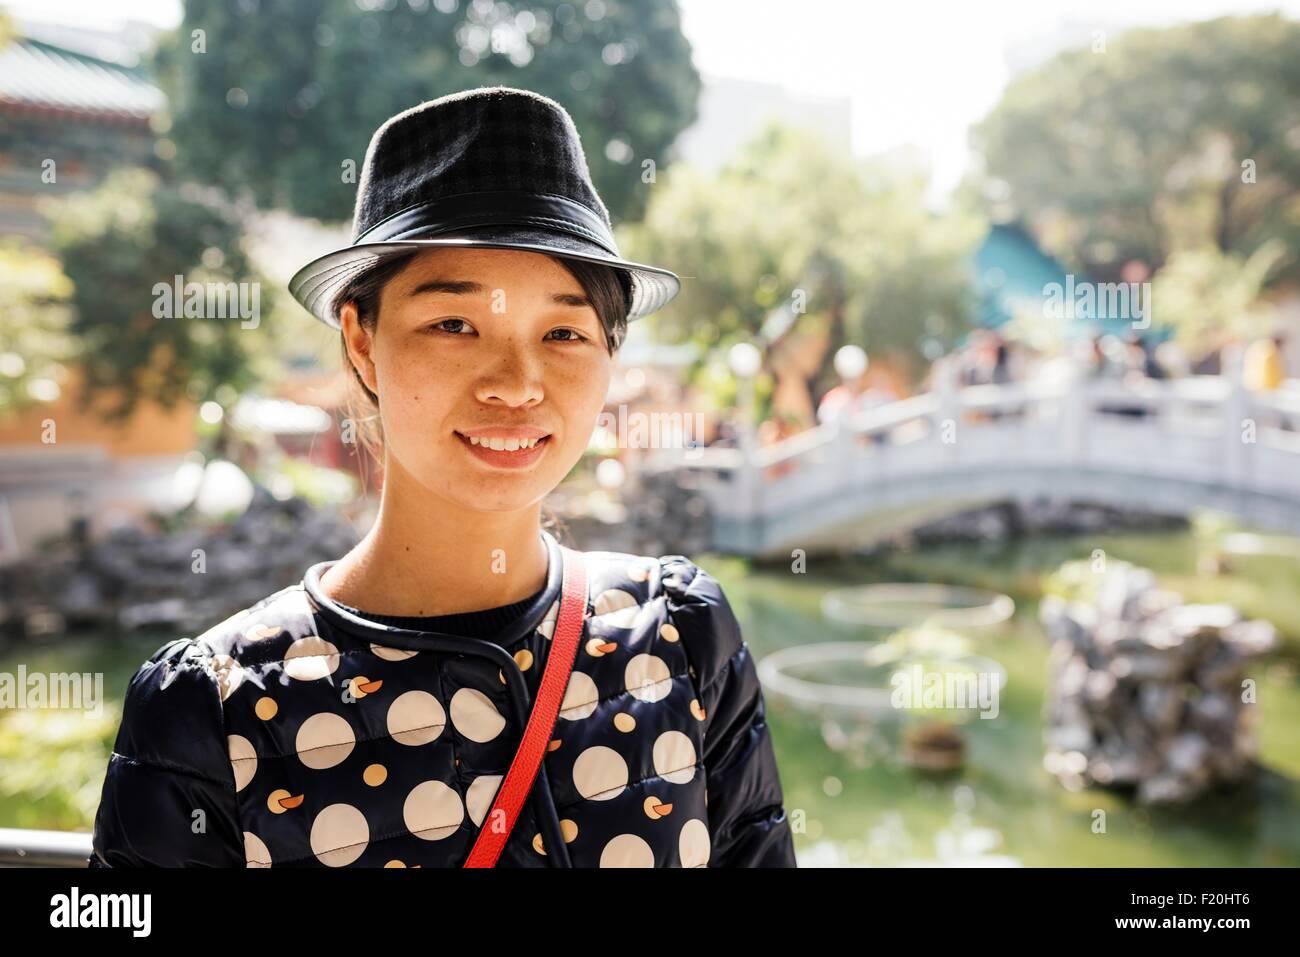 Porträt der jungen Frau mit Hut vor chinesischen Gartenbrücke, Blick in die Kamera Stockbild